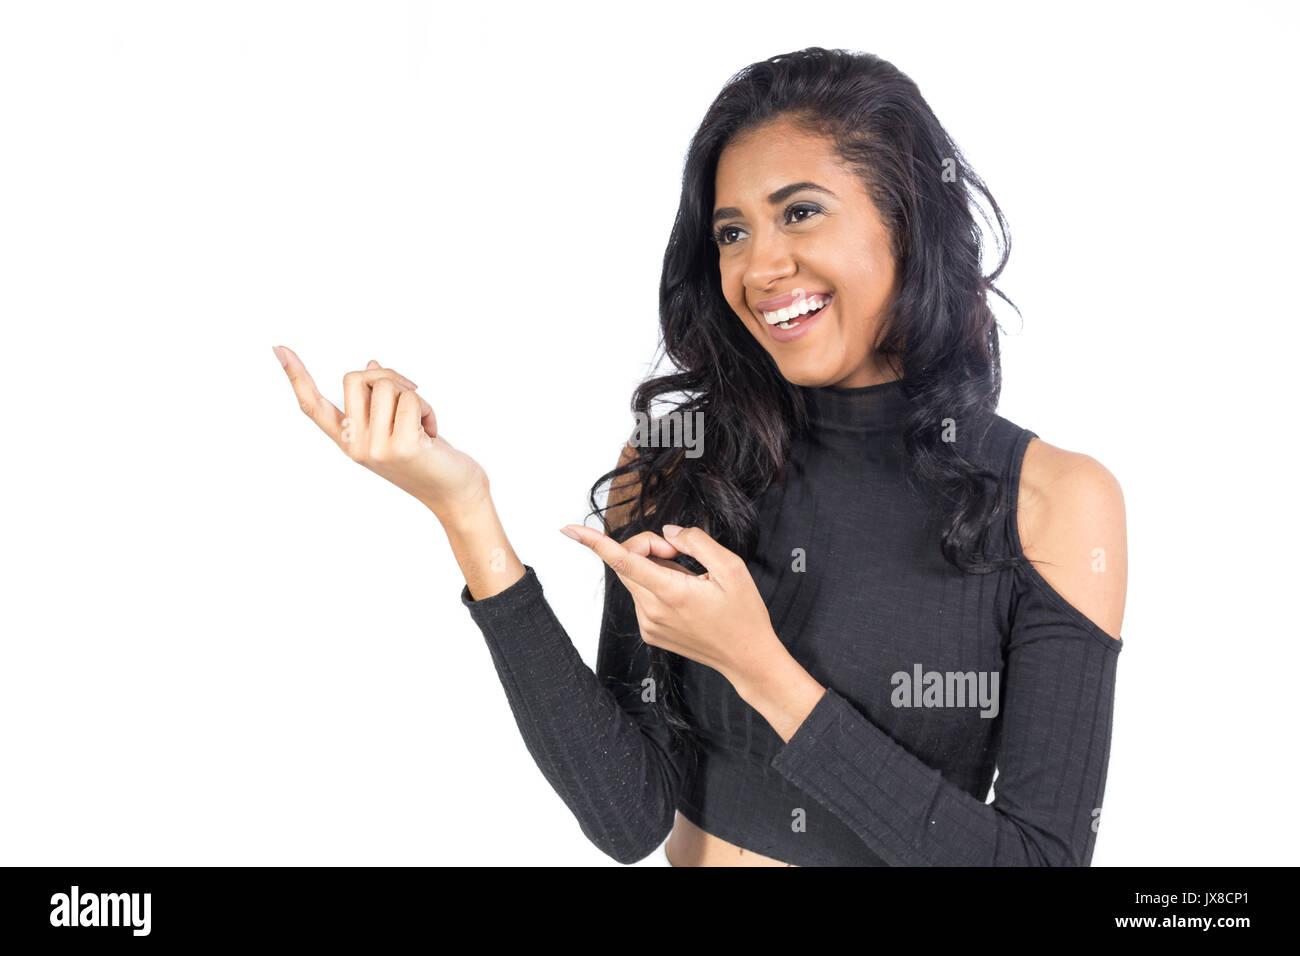 5b47aa29cc Il brasiliano è rivolto con entrambe le mani lo spazio per il testo.  Afrodescendant donna